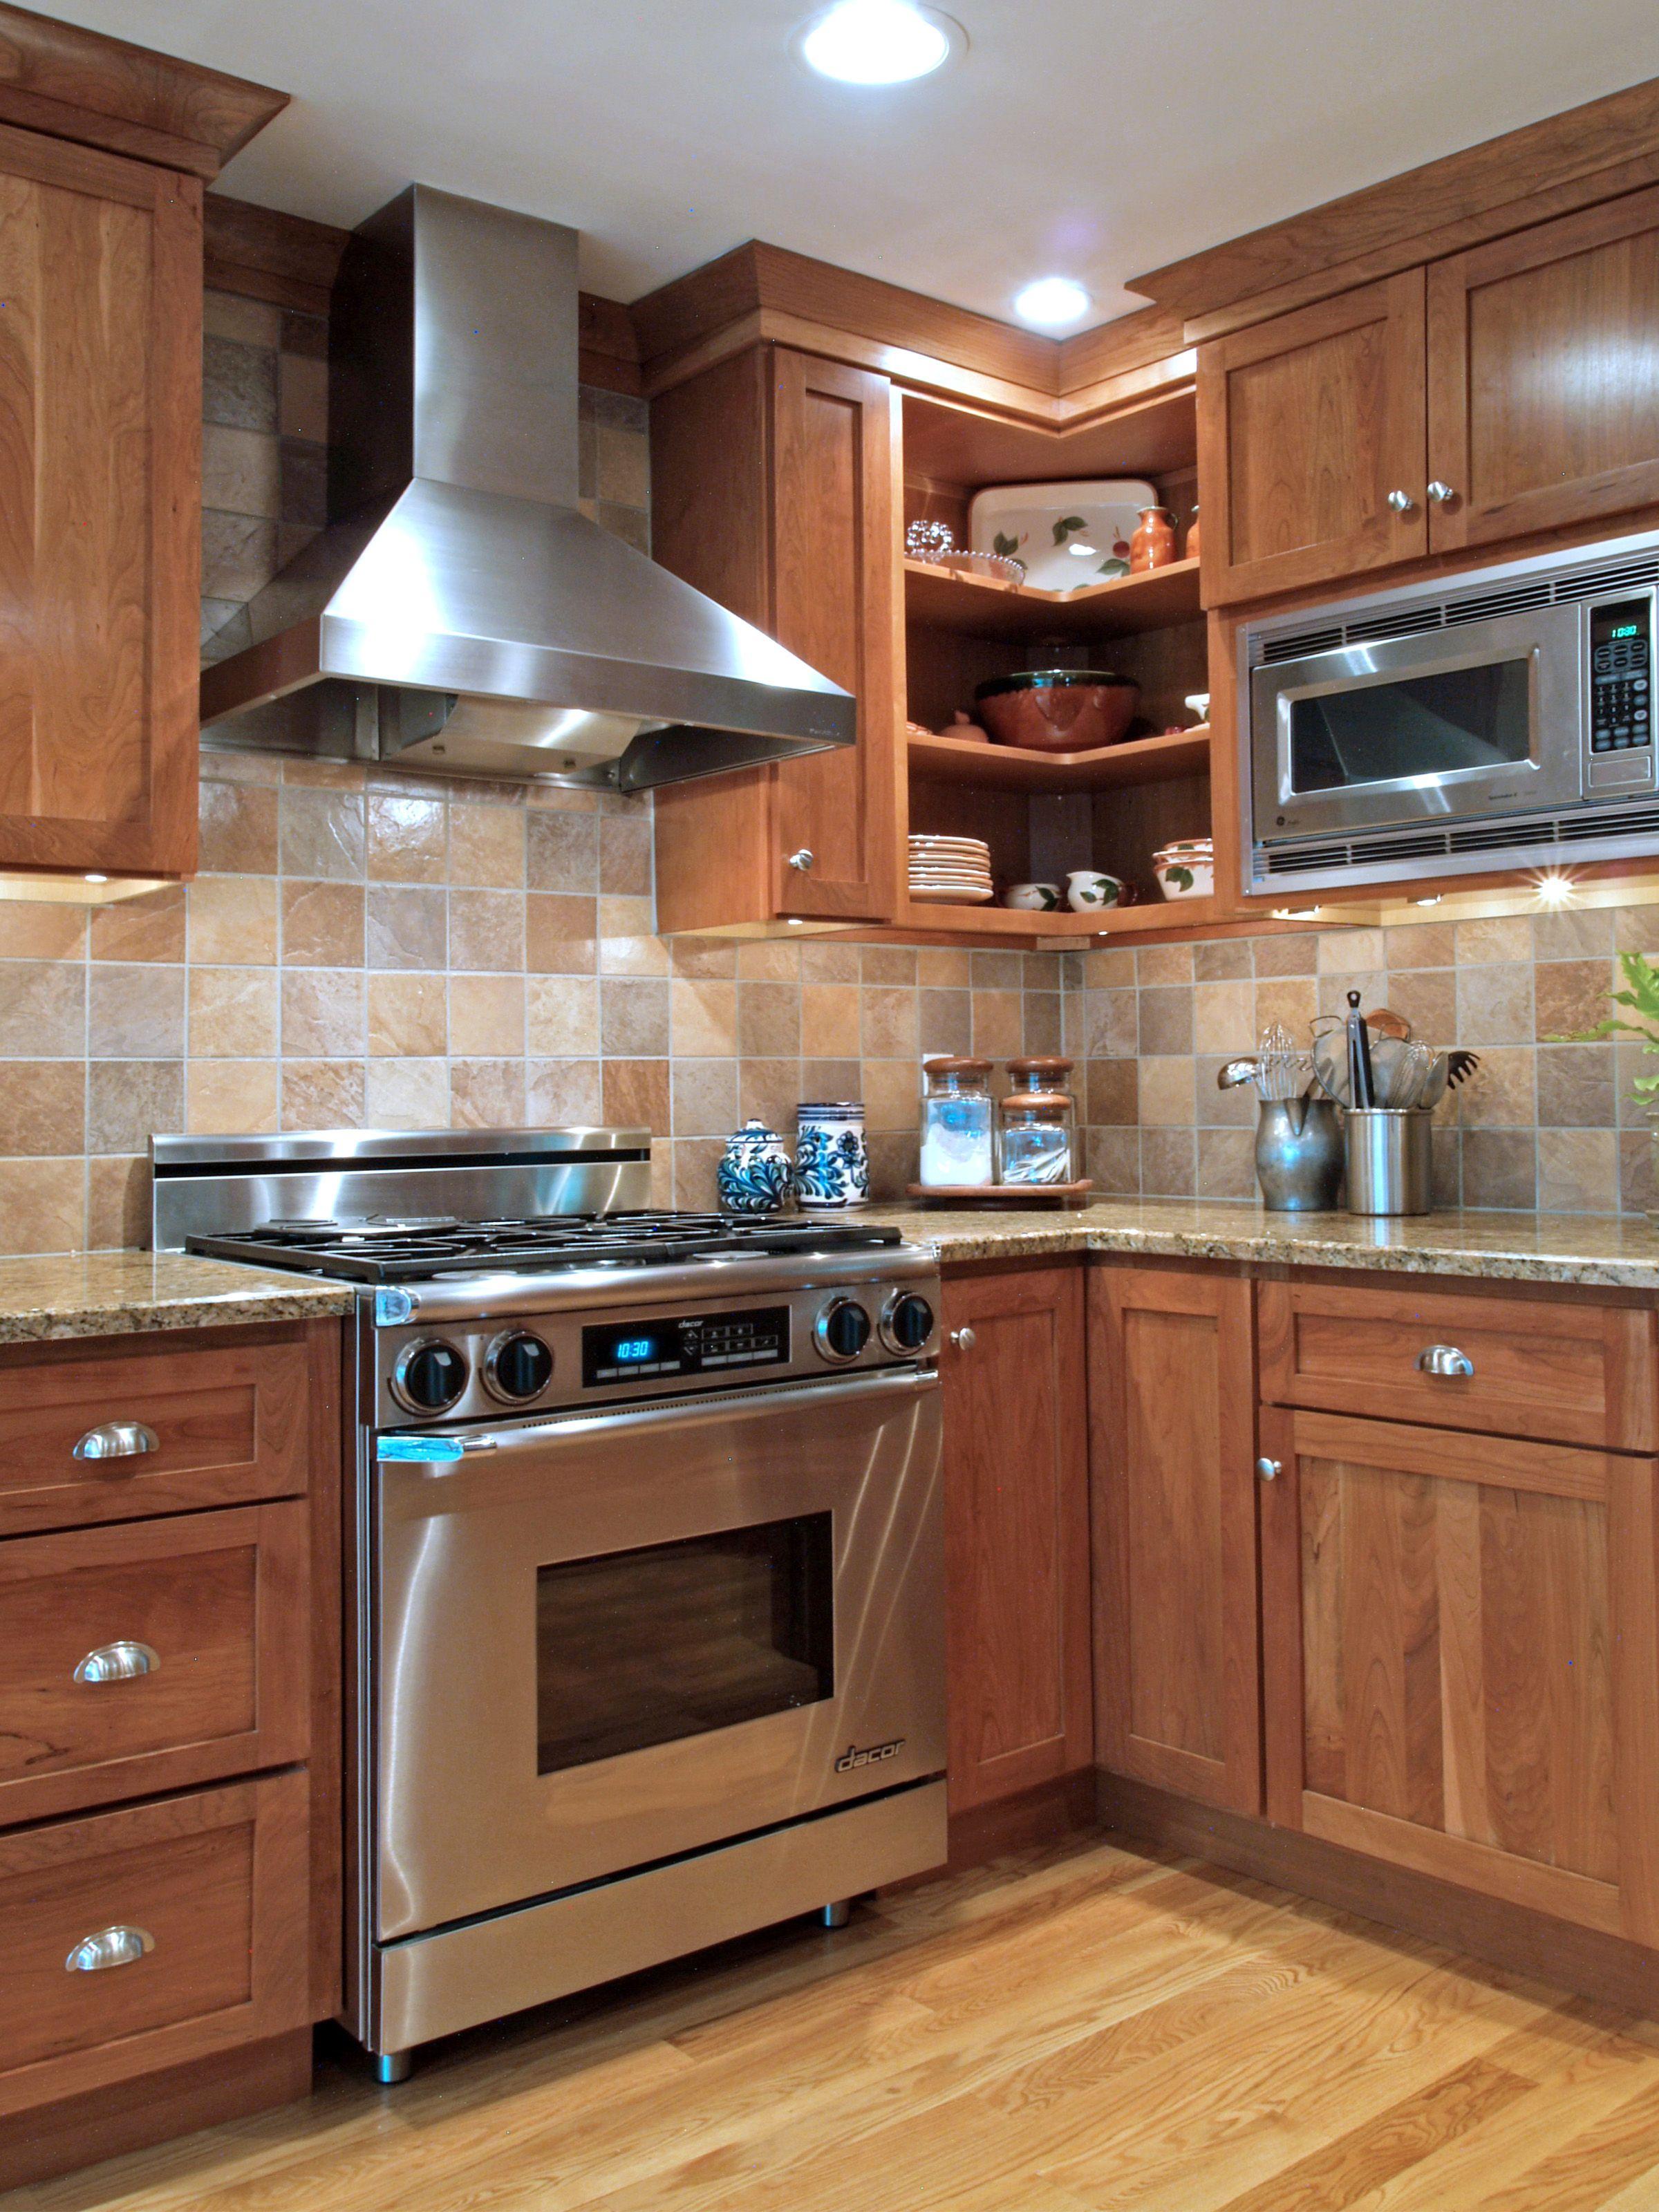 Kitchen Tile Backsplash Ideas Images Design Inspiration